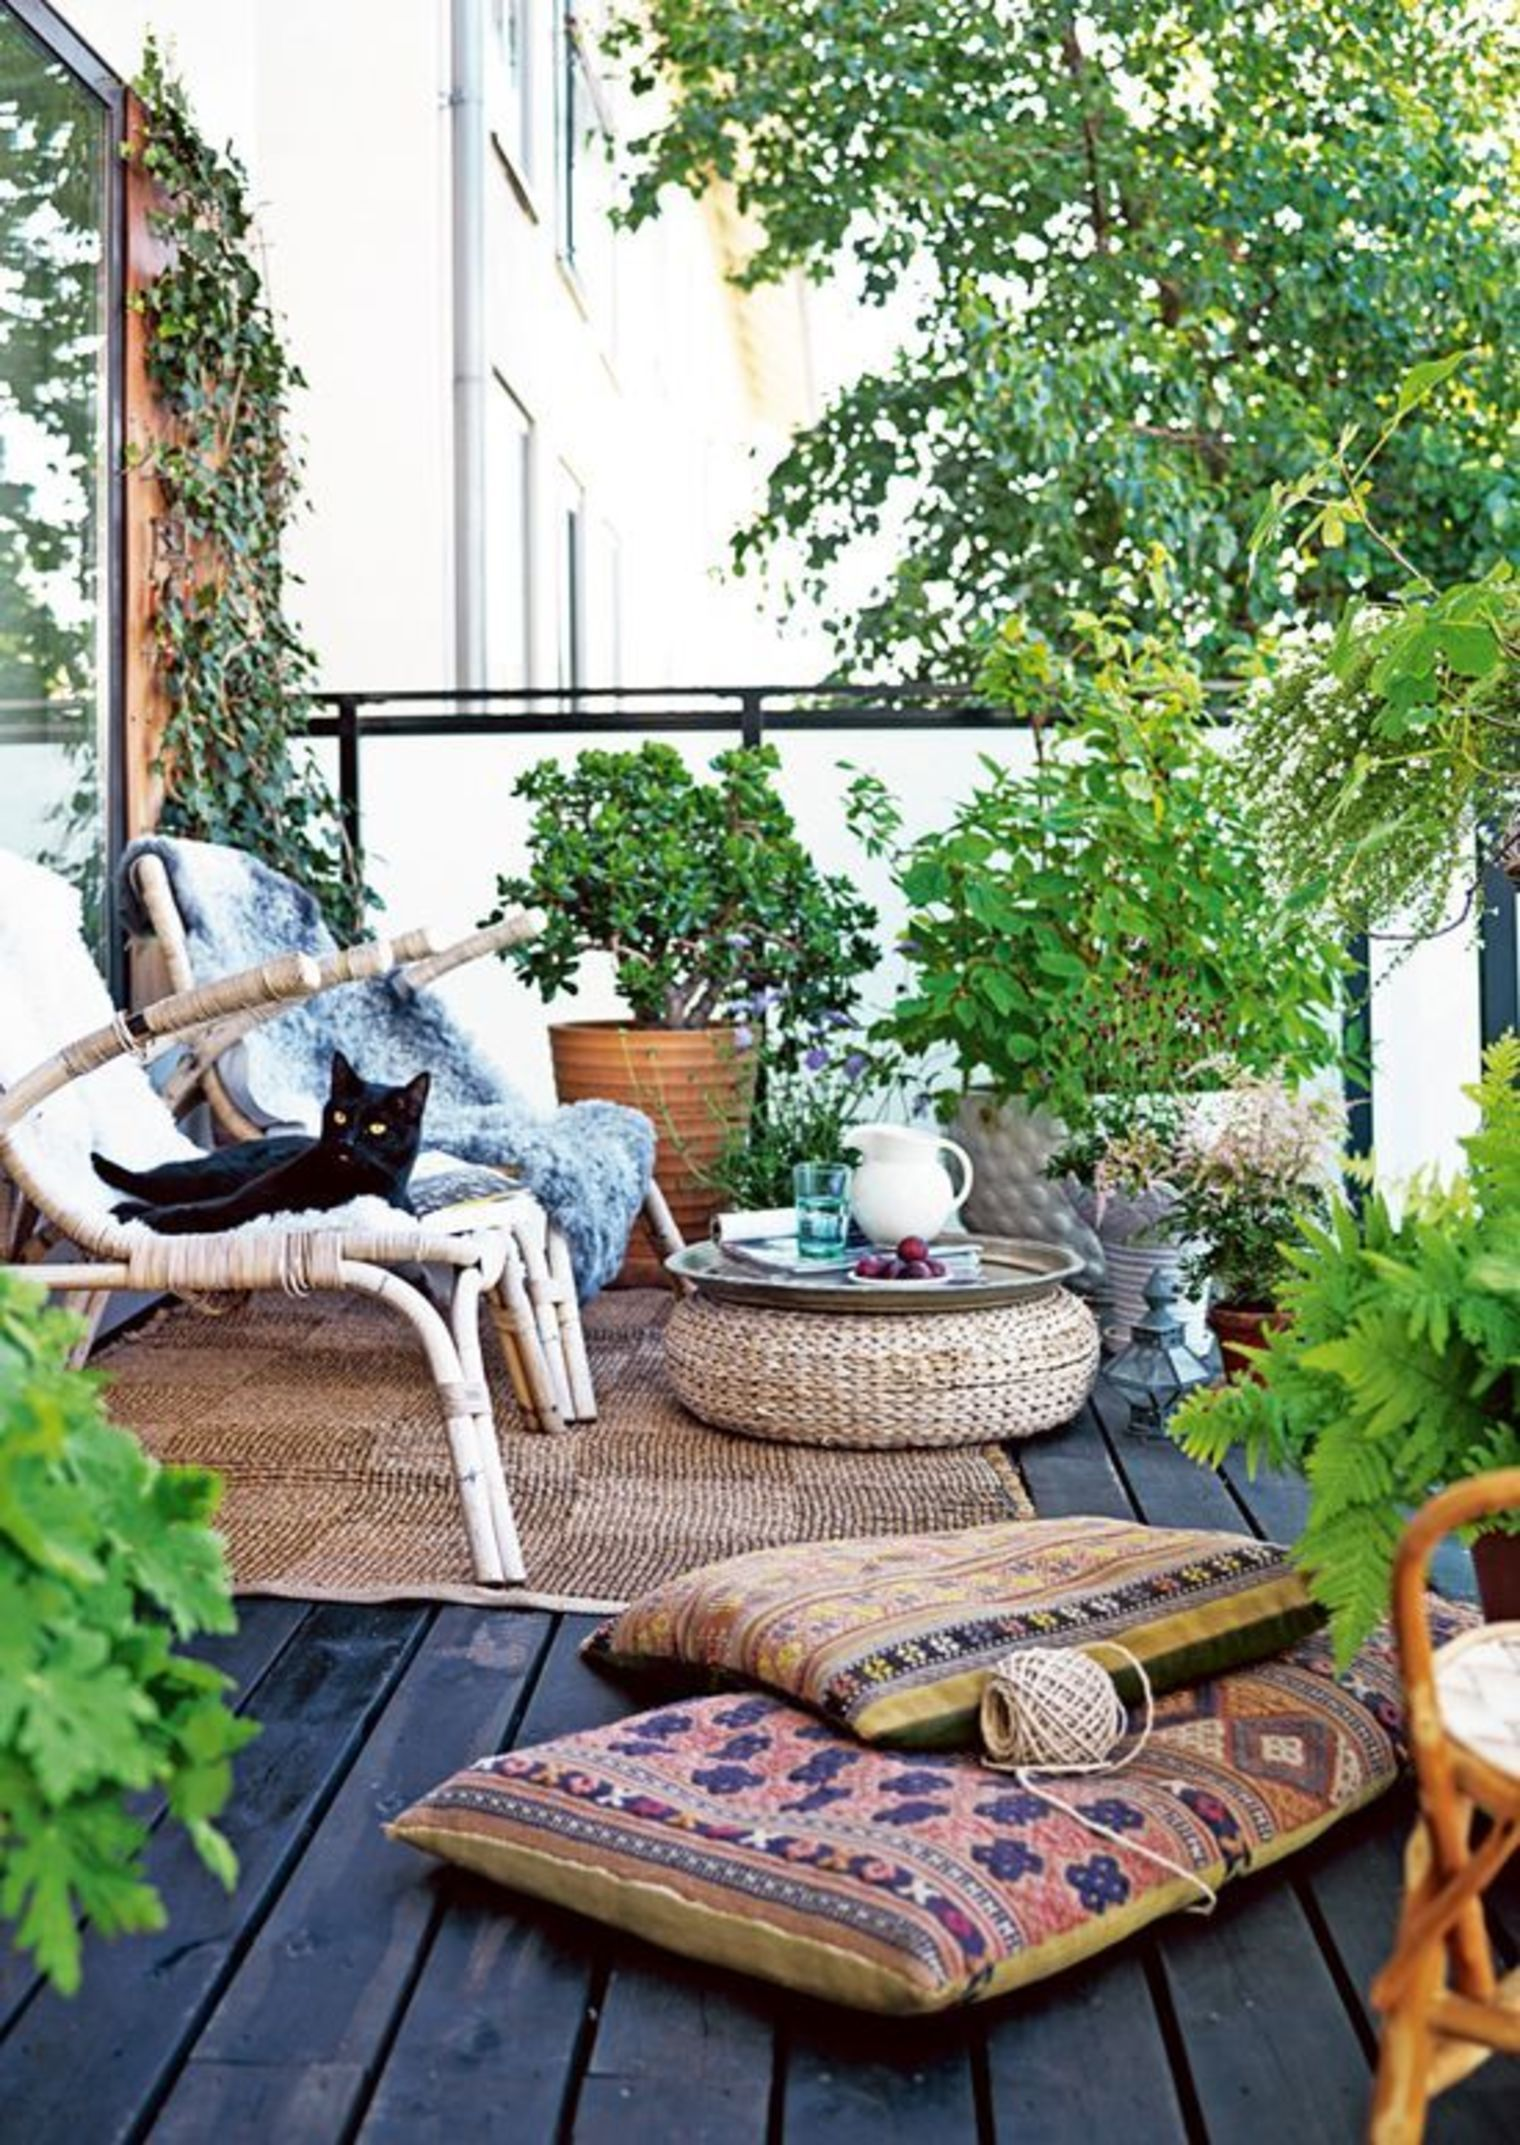 ambiance bohème et zen avec ces fauteuils en rotin sur la terrasse ...